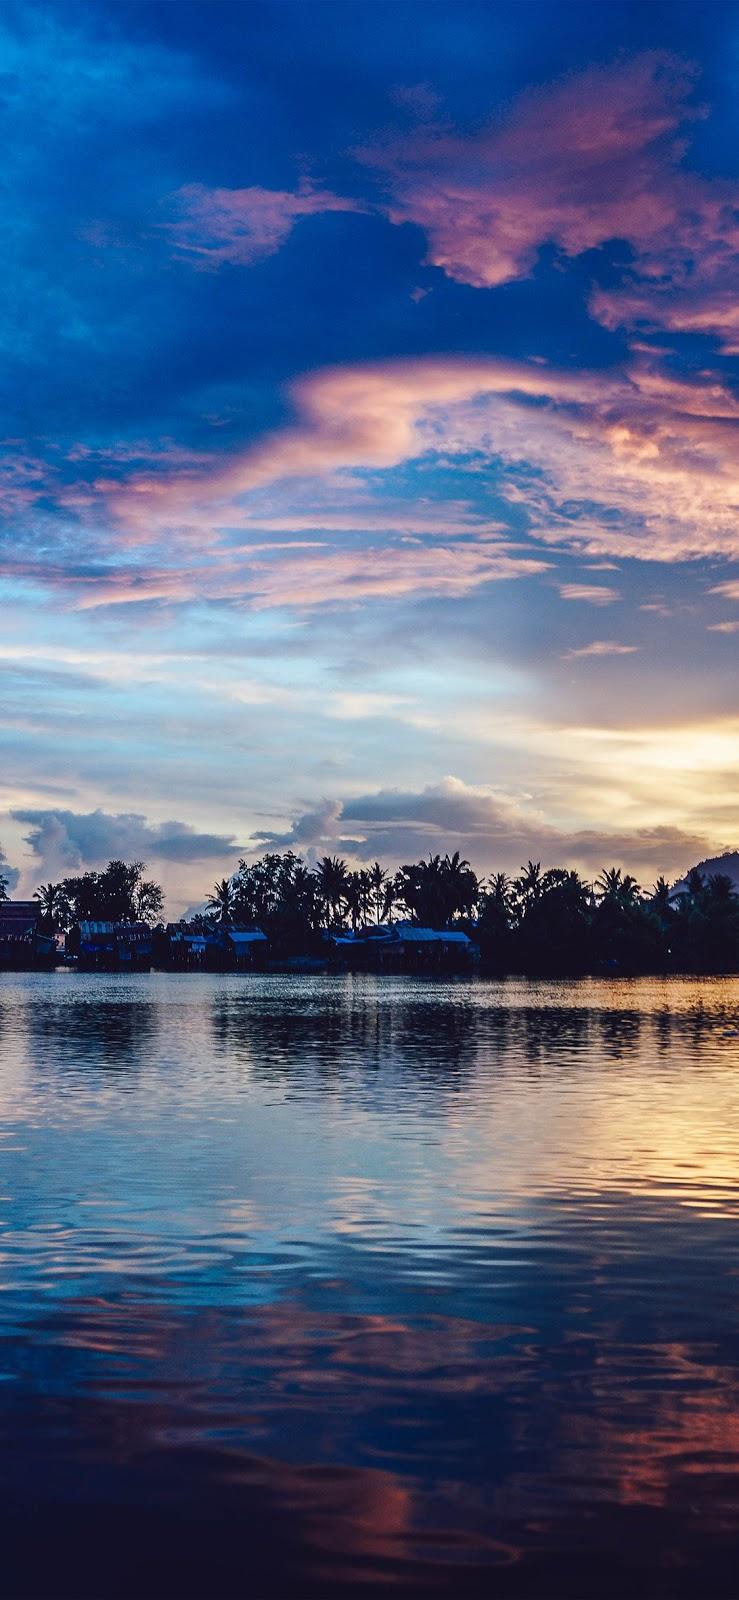 wallpaper iPhone, sfondi per iPhone, tramonto, fiume, palme, nuvole, acqua